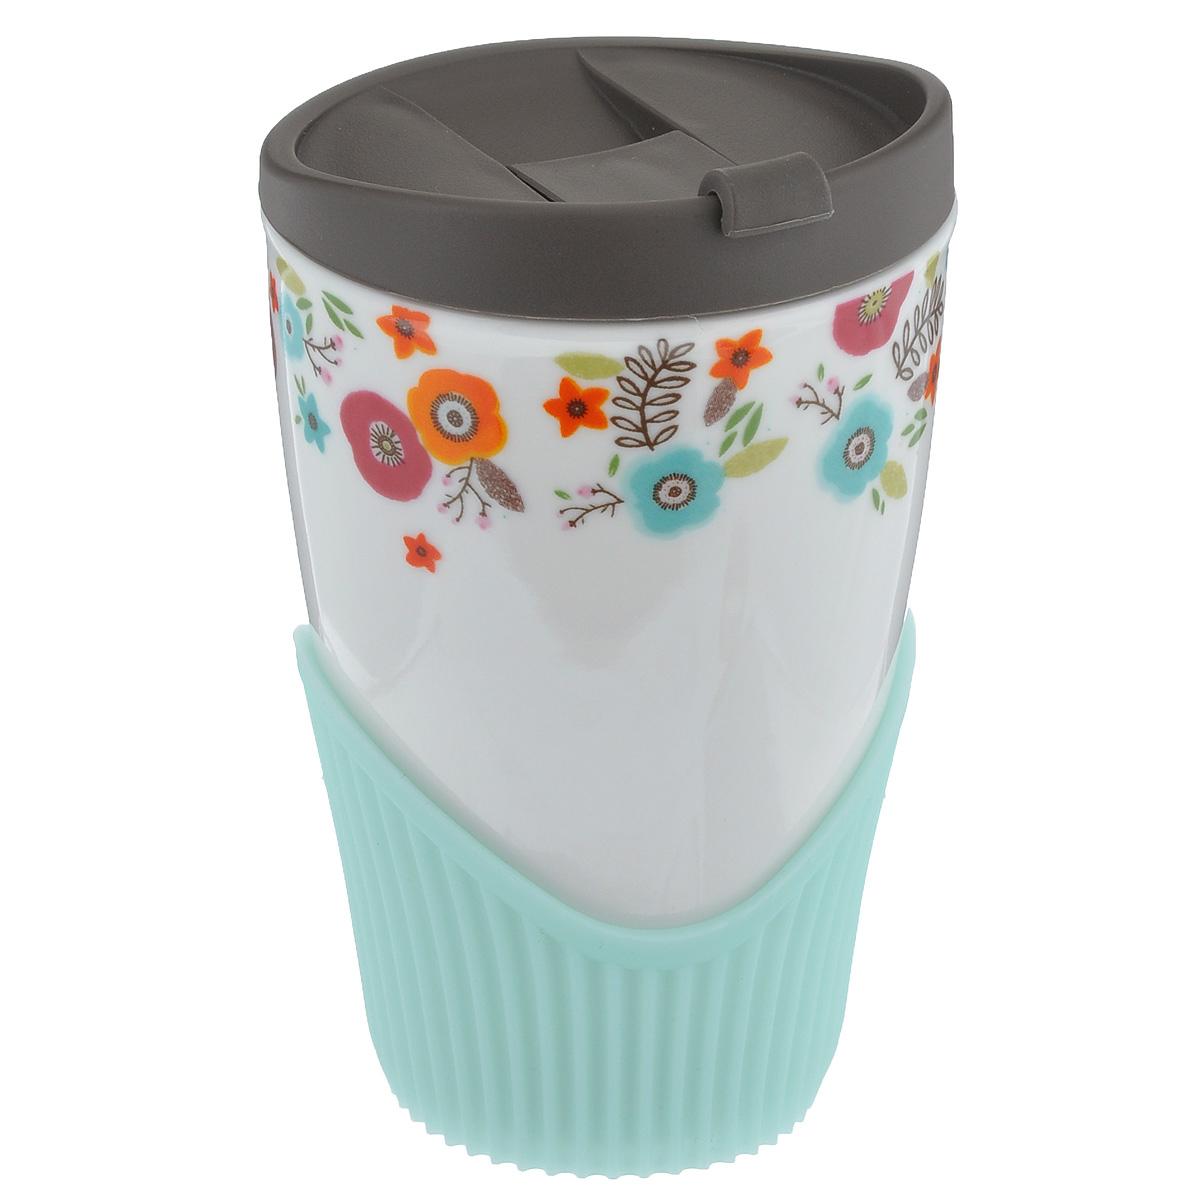 Кружка Frybest Spring, 410 мл115510Кружка Frybest Spring выполнена из высококачественного фарфора и украшена ярким цветочным рисунком. Имеется пластиковая крышка с питьевым клапаном, который легко открывается и закрывается нажатием одного пальца. Внизу имеется силиконовый ободок за который будет удобно держать кружку. Теперь вы можете наслаждаться своим любимым холодным или горячим напитком в любом месте. Не подвергайте кружку термошоку, резкая перемена температуры может стать причиной трещин. Можно мыть в посудомоечной машине на верхней полке. Объем: 410 мл. Высота кружки (без учета крышки): 13 см. Диаметр по верхнему краю: 8 см.